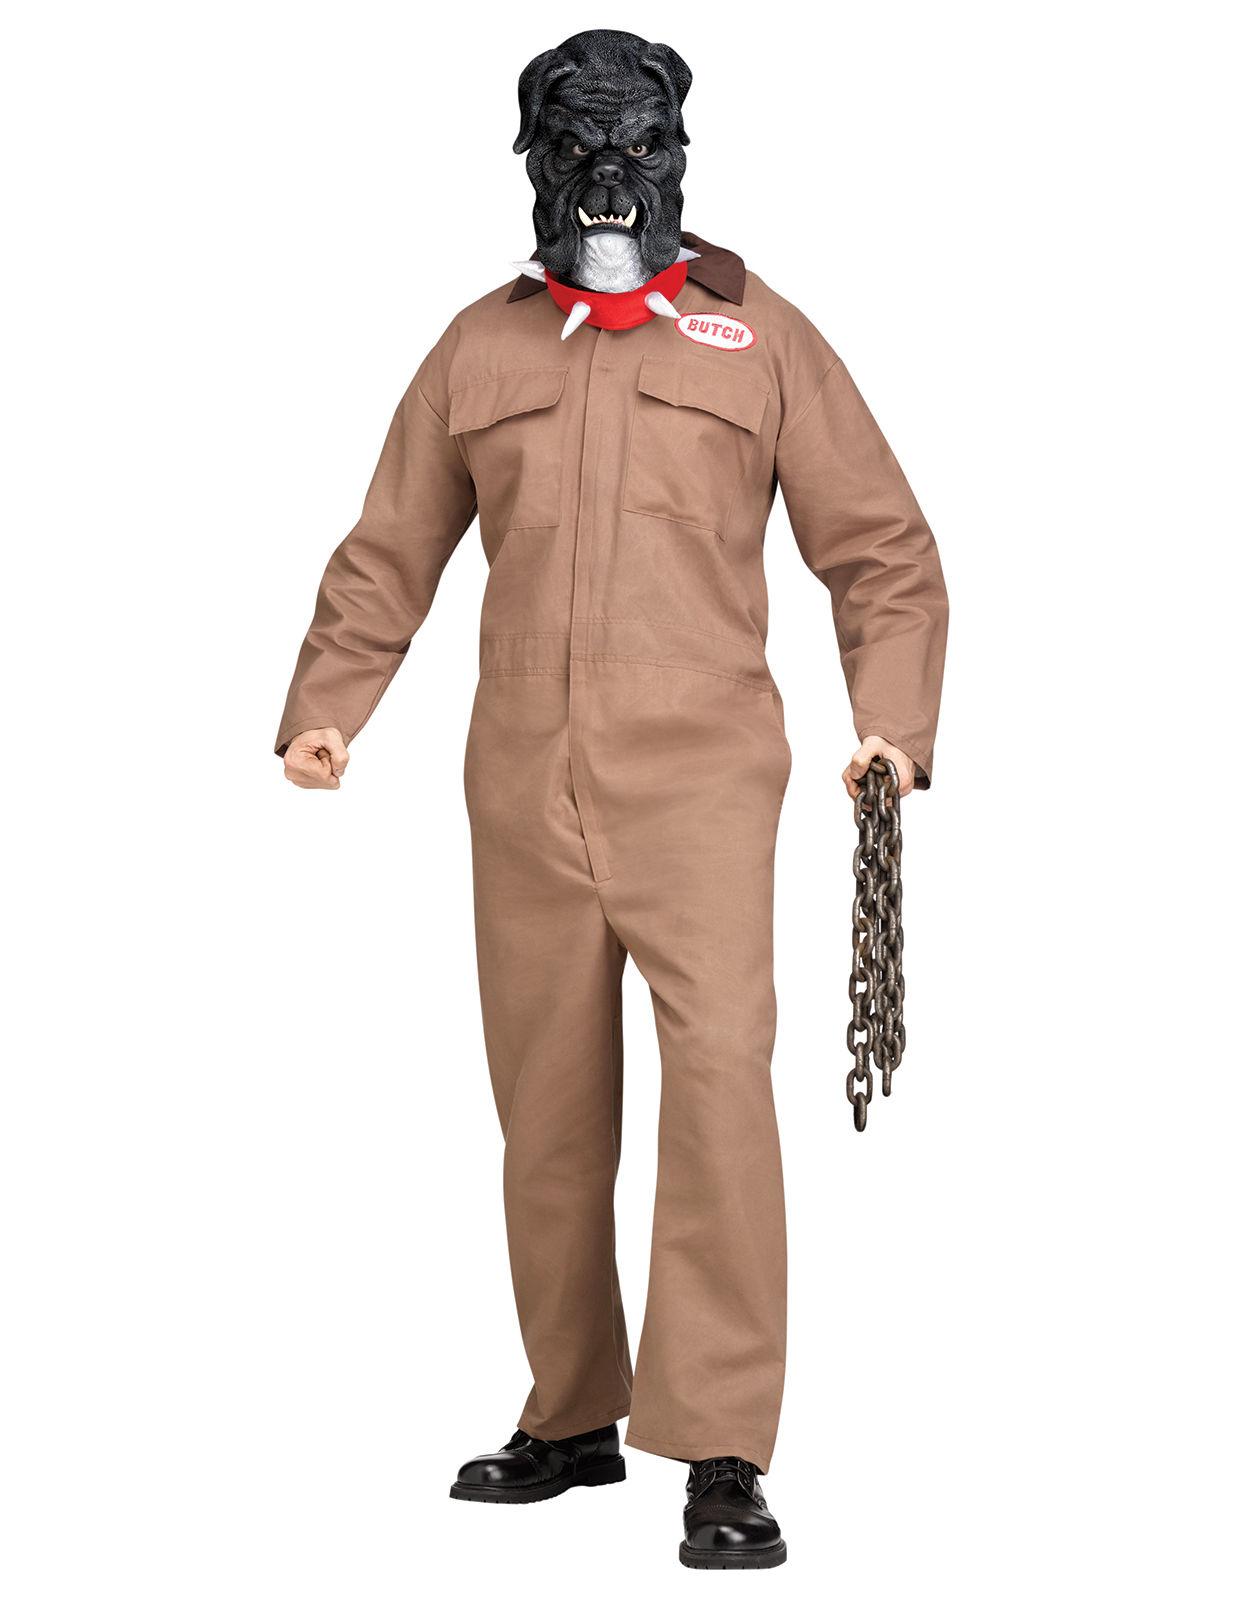 D guisement chien fou halloween adulte deguise toi achat de d guisements adultes - Deguisement halloween chien ...